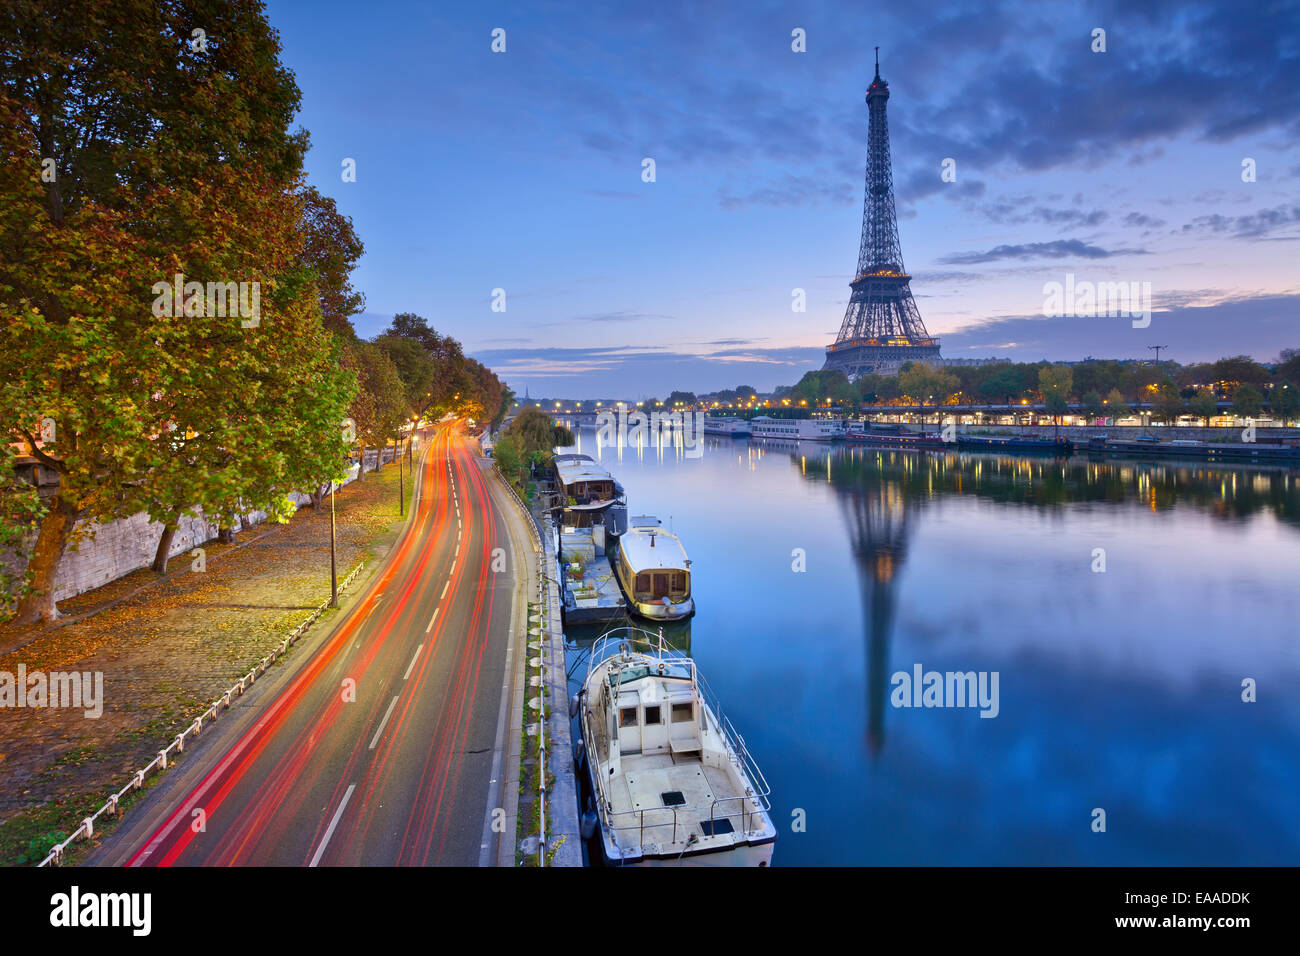 Bild vom Eiffelturm mit der Reflexion in dem Fluss Seine. Stockbild